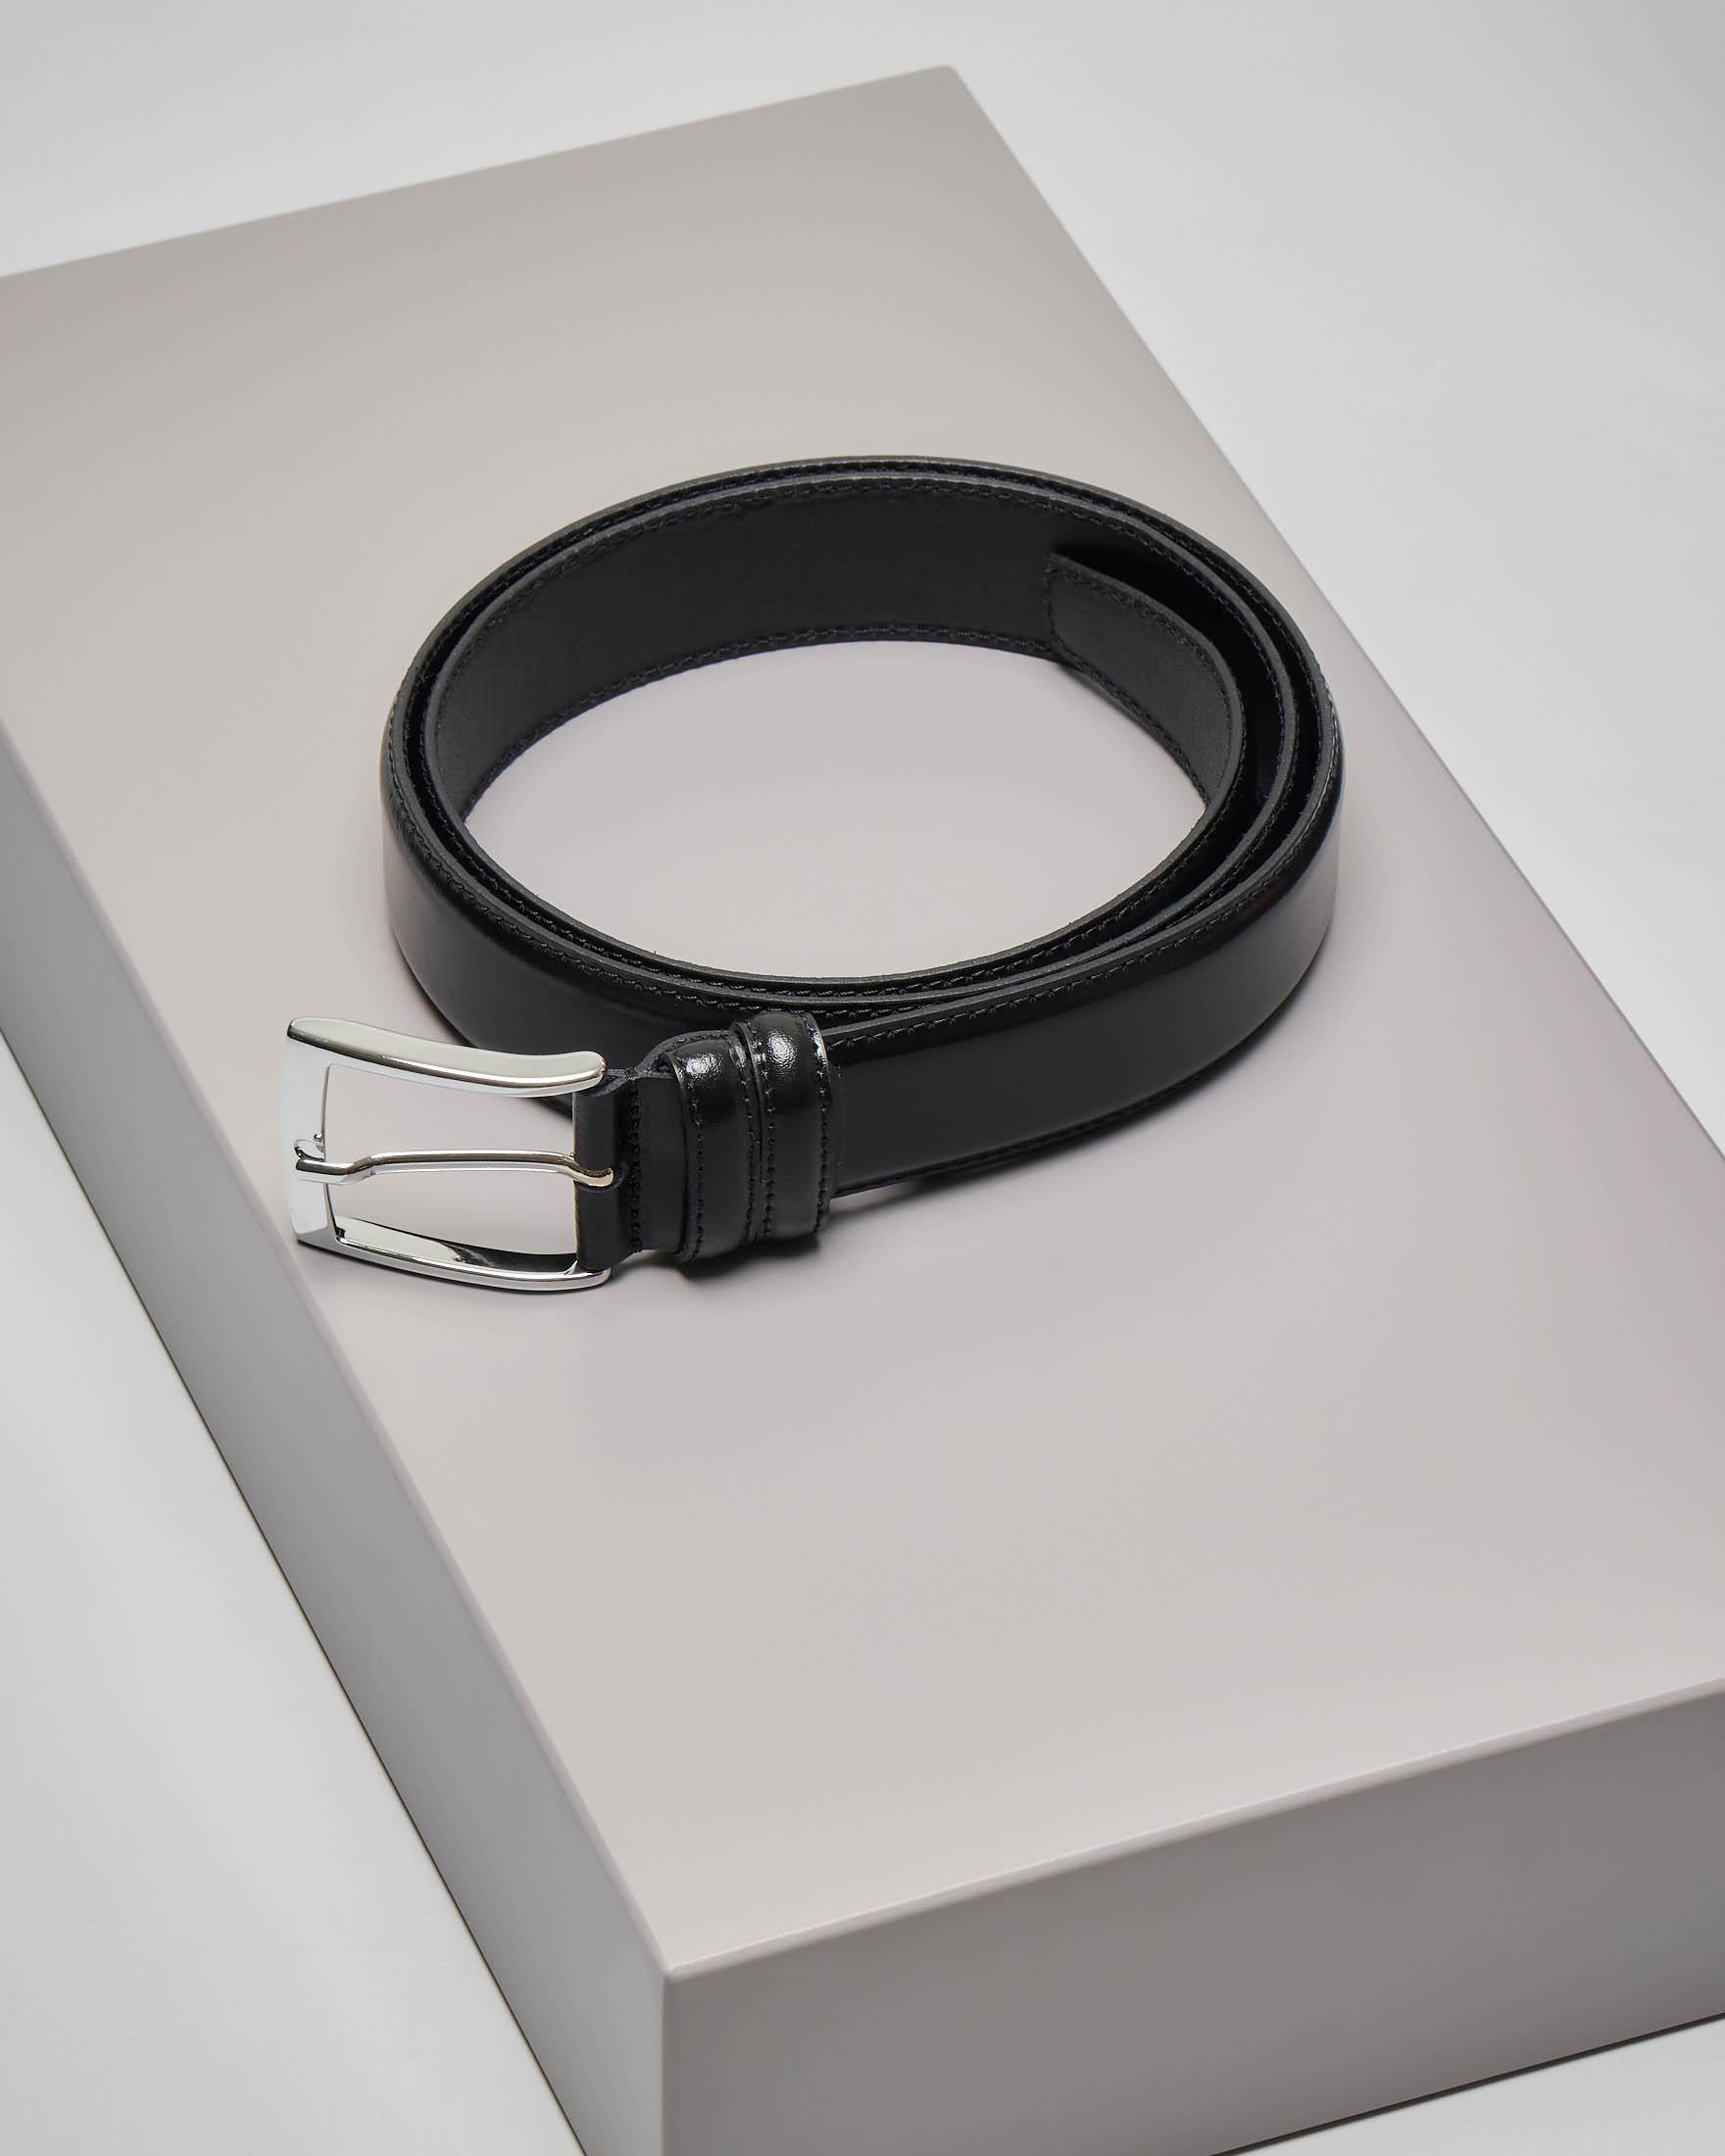 Cintura nera in pelle liscia con fibbia in metallo lucido